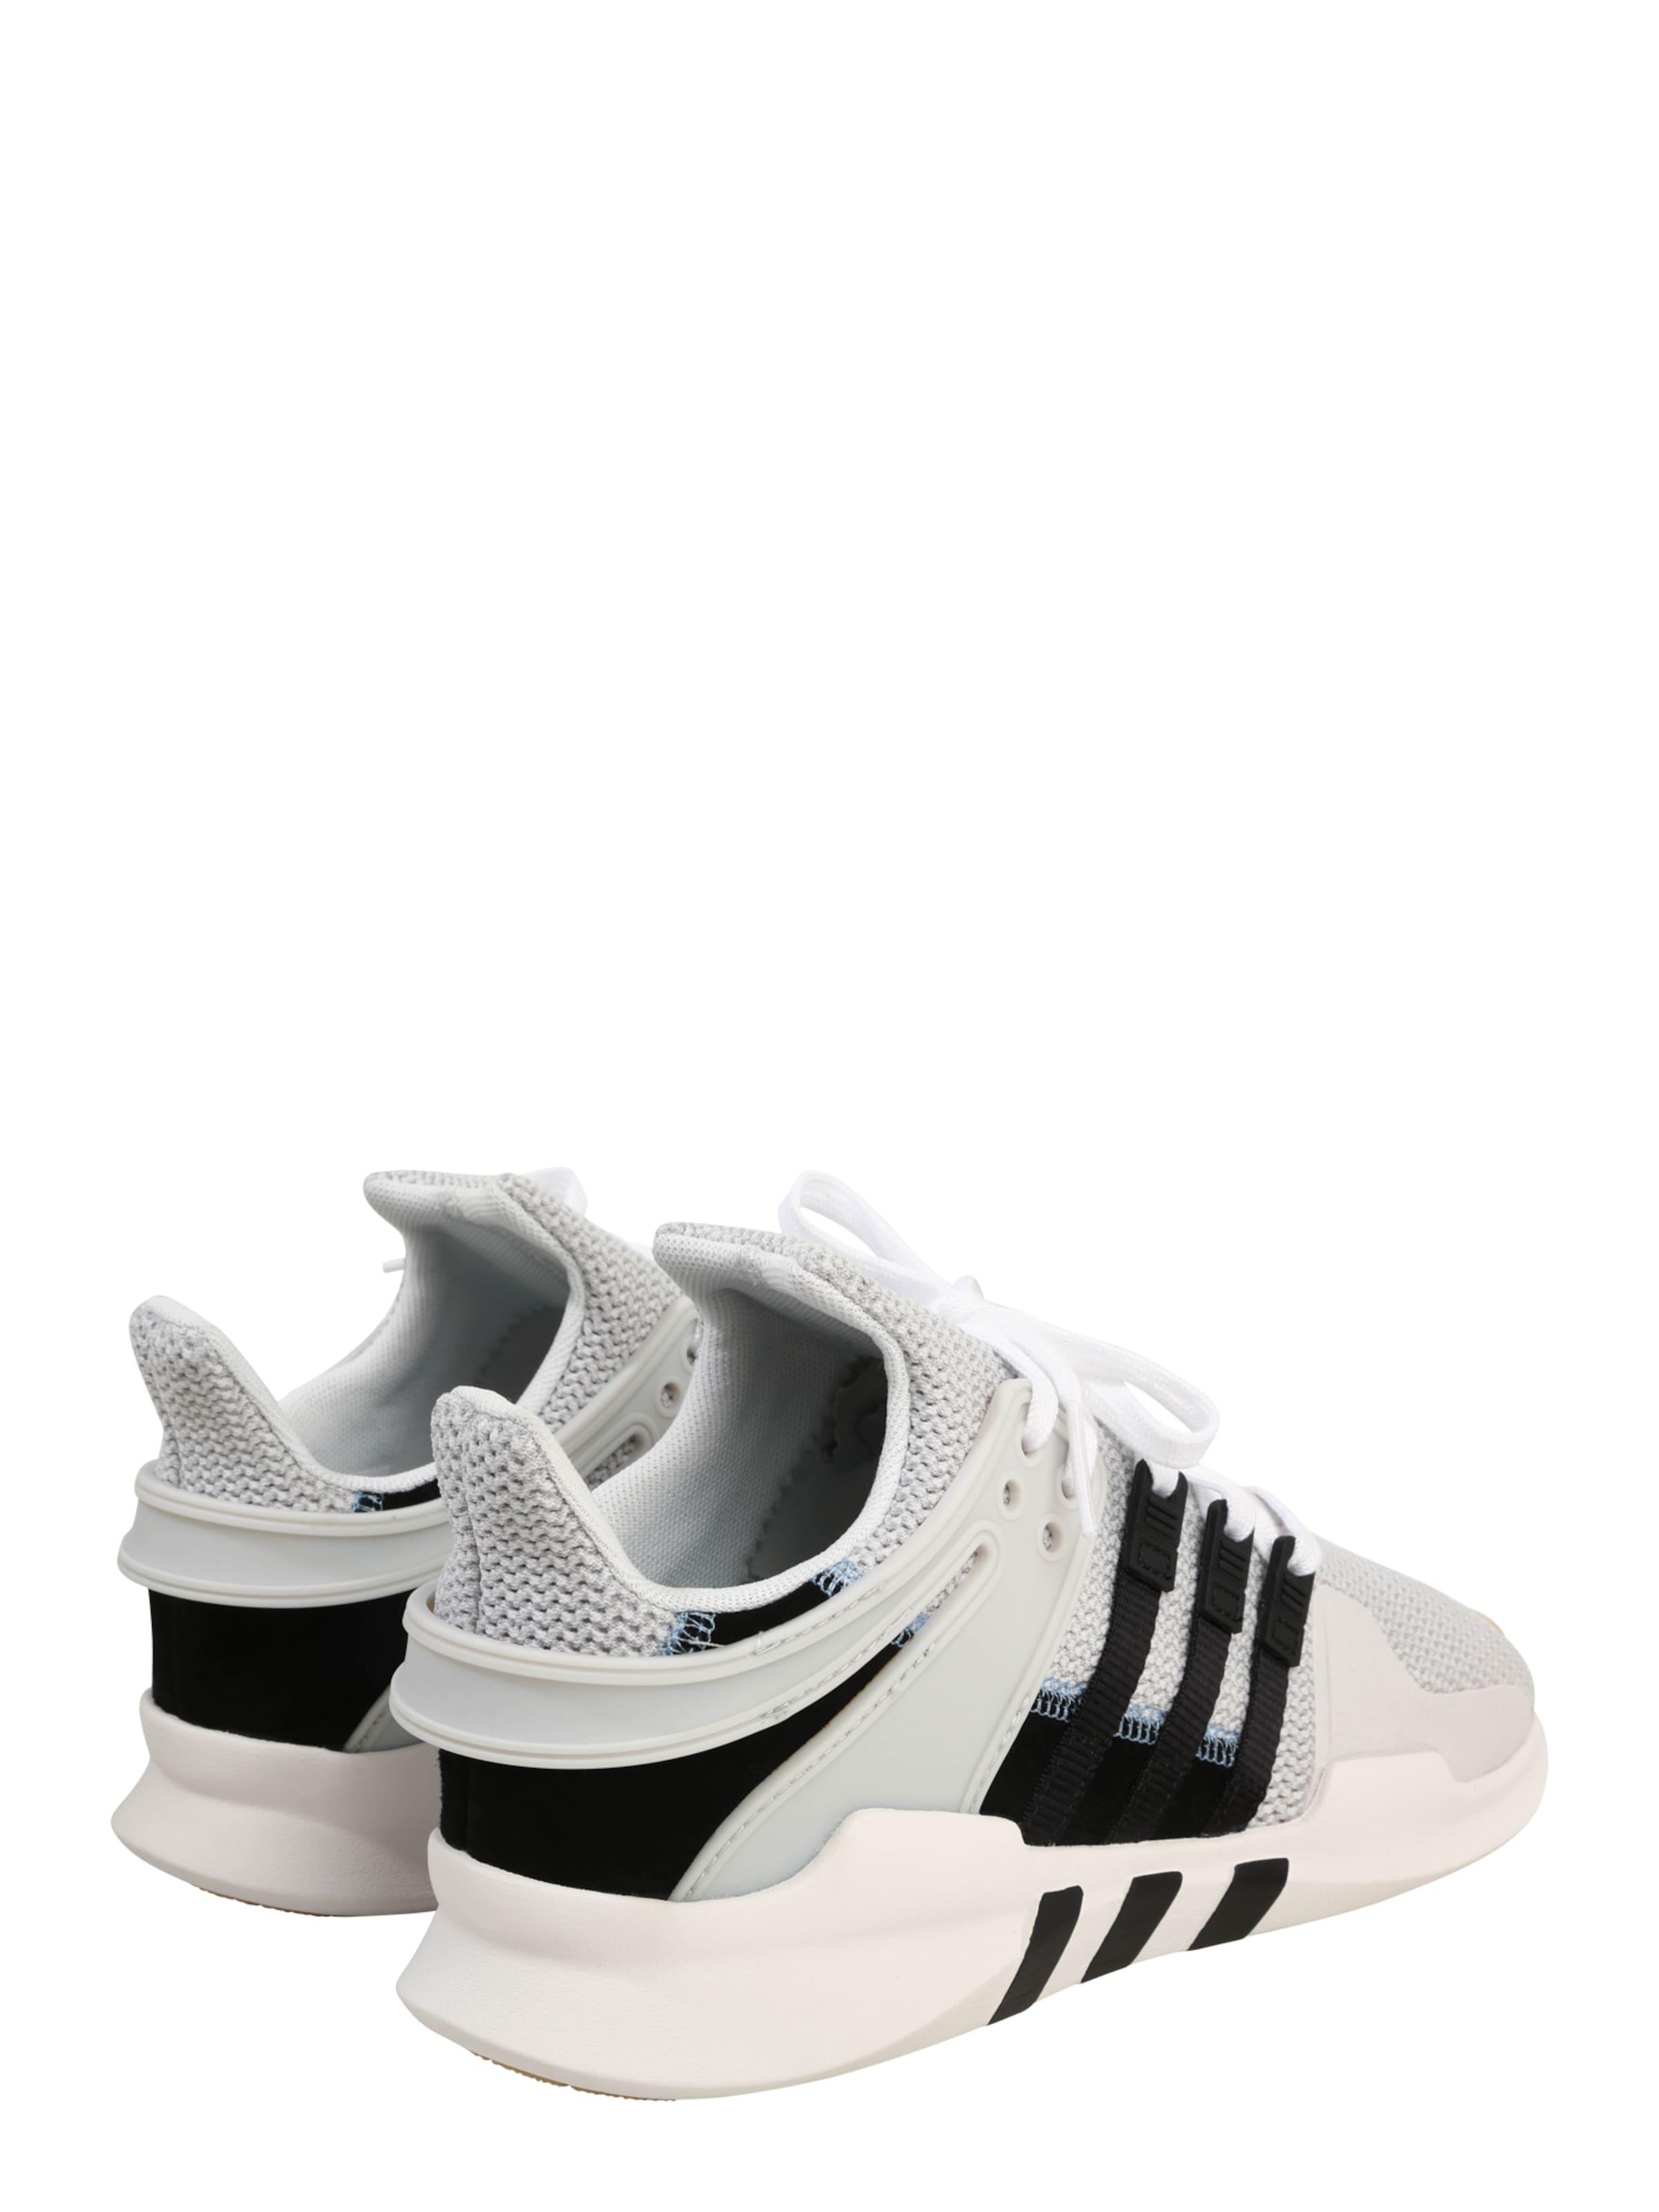 In Grau Adv' Sneaker 'eqt Support Originals Adidas 31lJFcTK